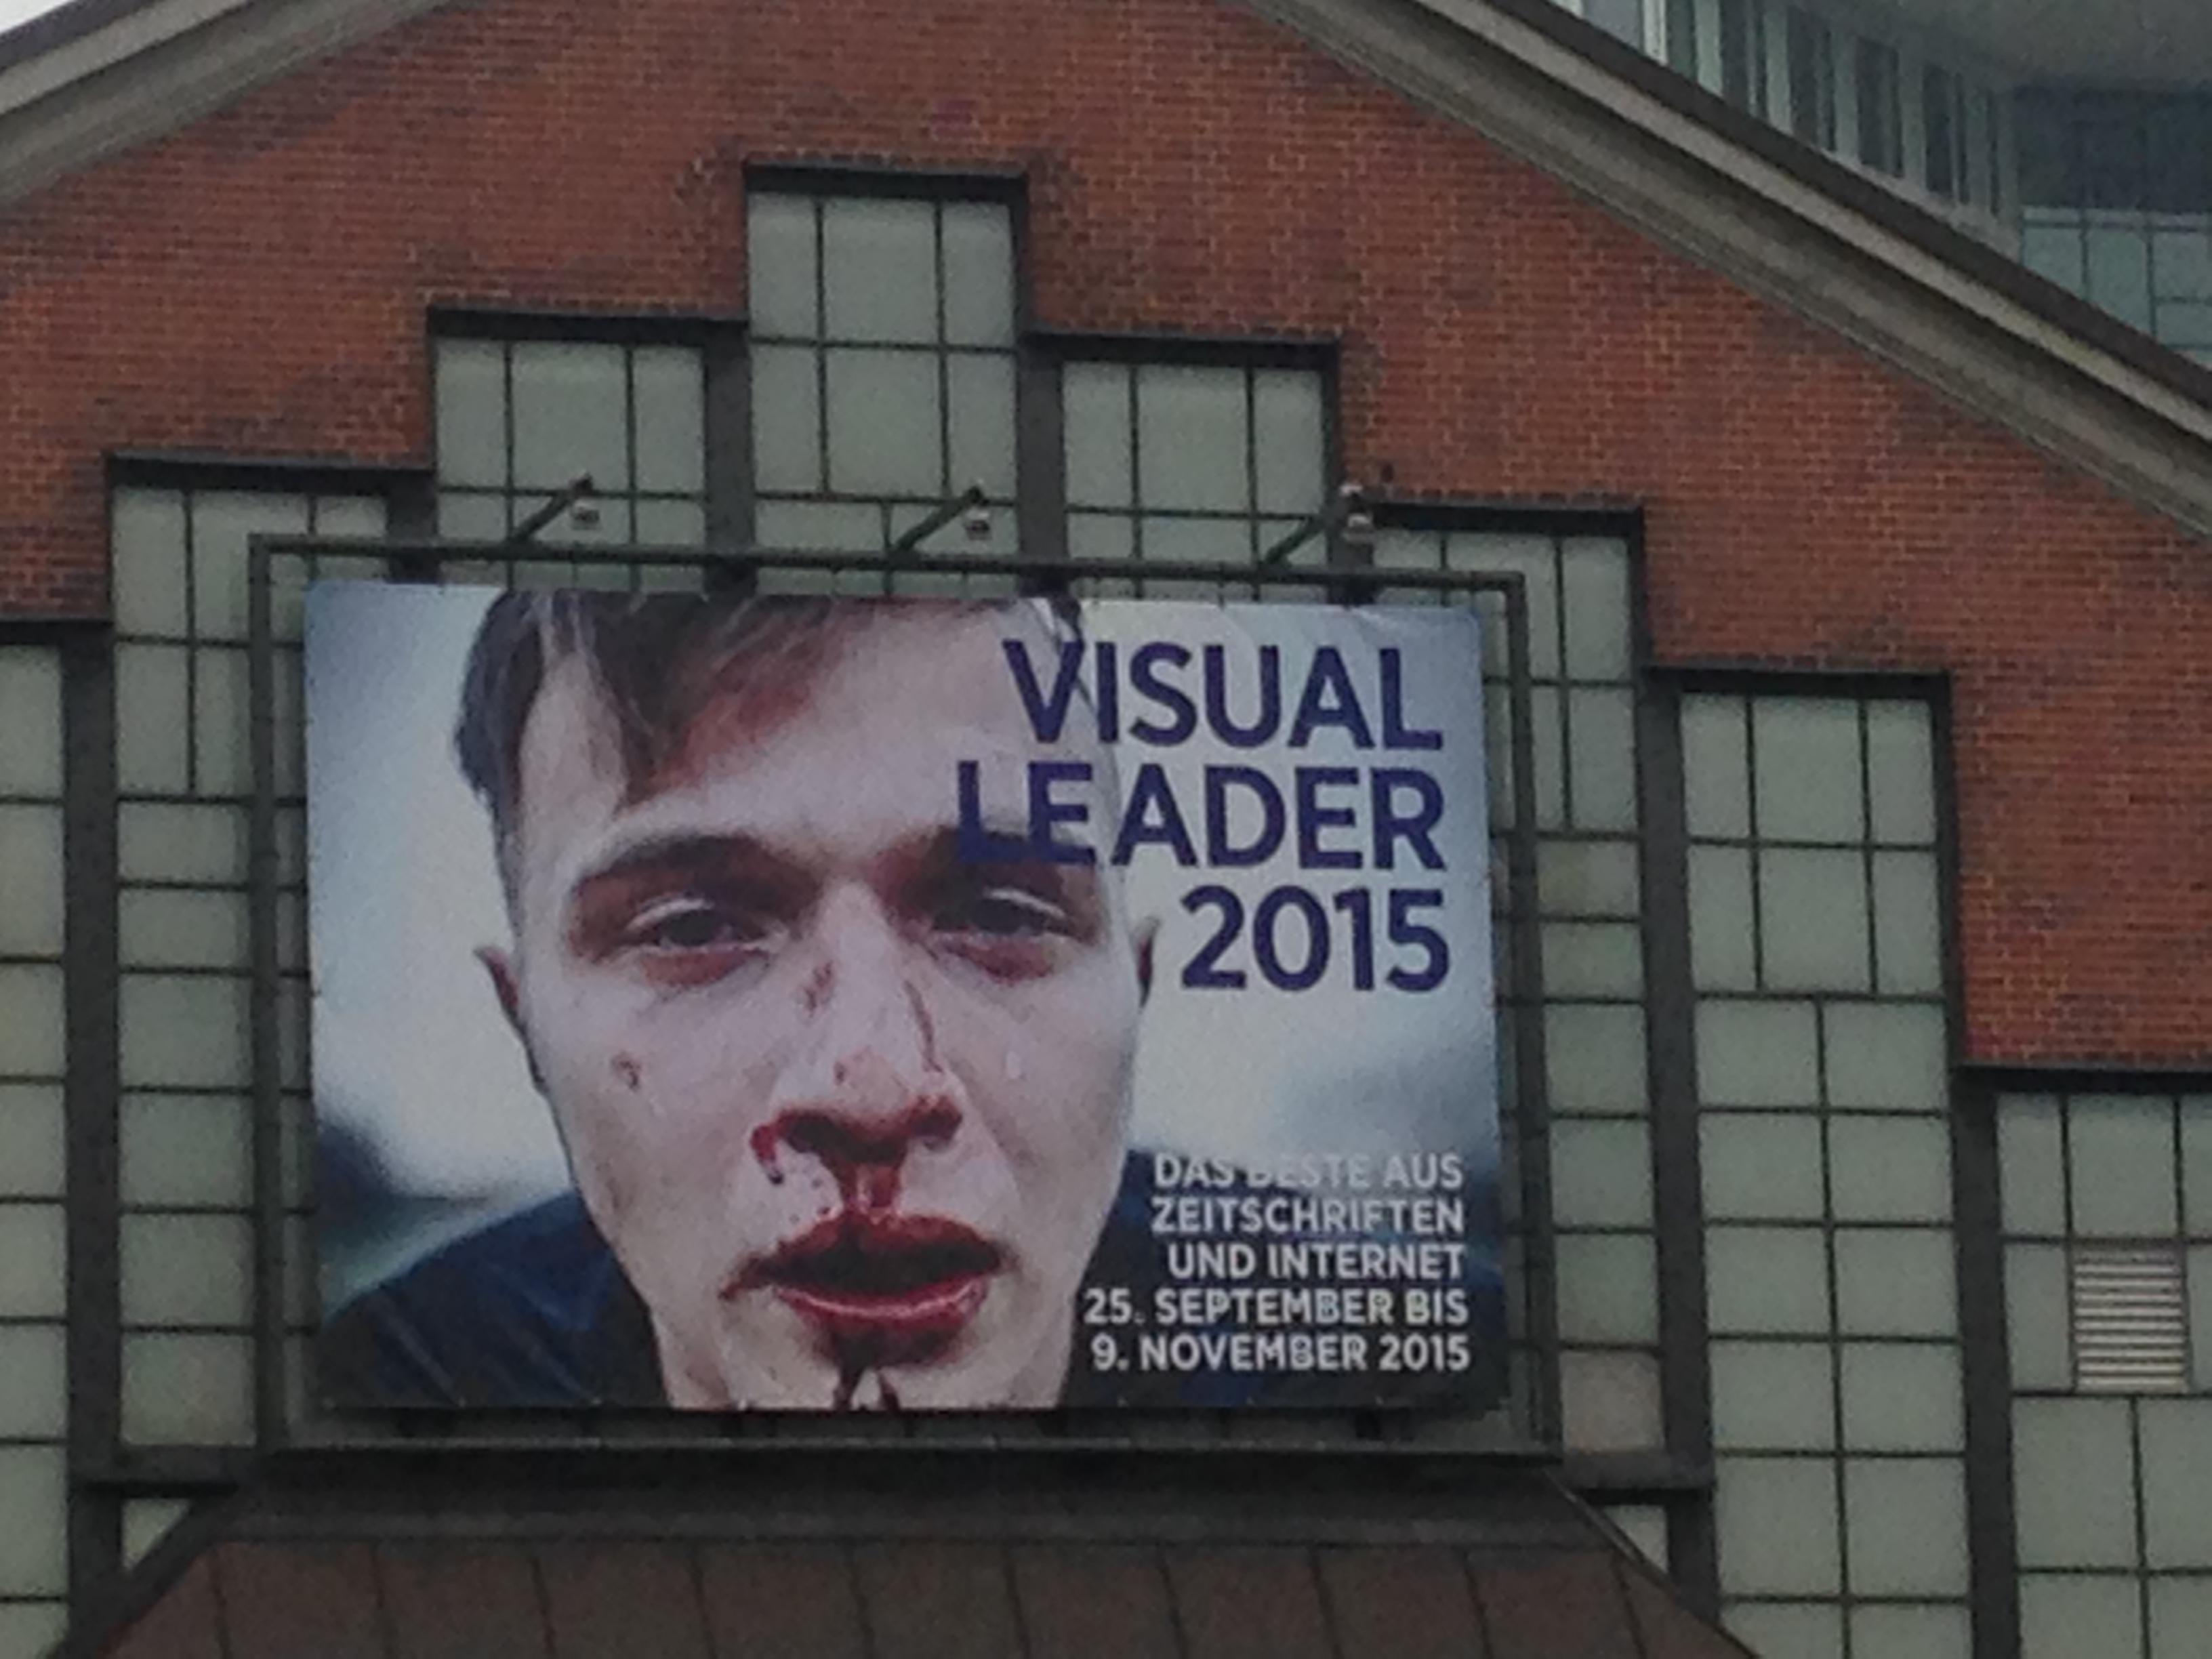 Visual Leader 2015 Die Fetten Jahre Sind Vorbei Welle Deluxe